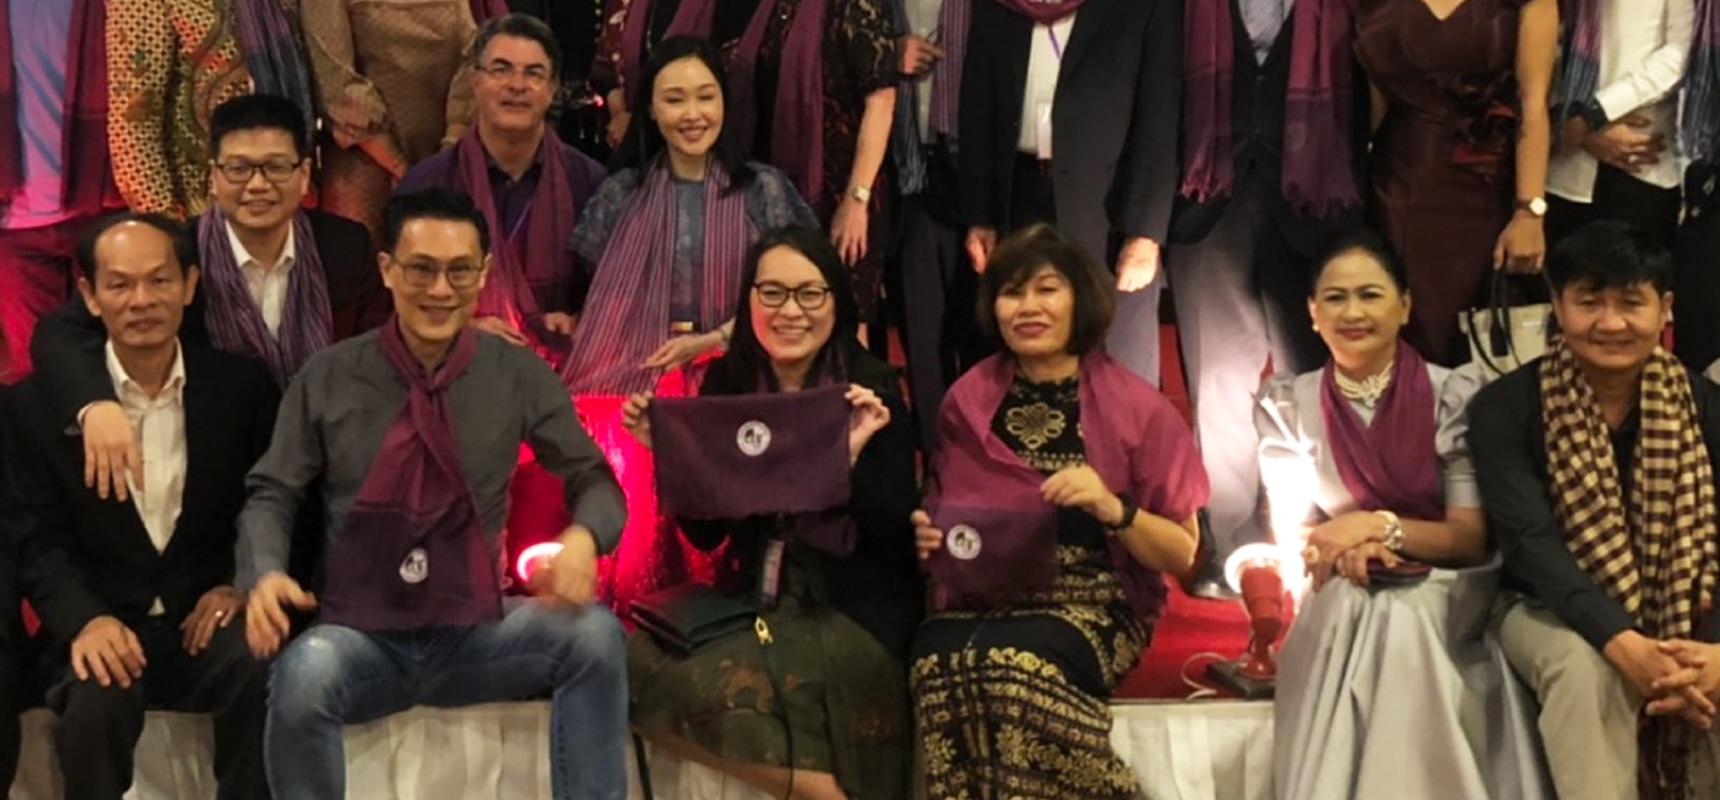 งานประชุมใหญ่ประจำปีแห่งสมาคมแพทย์ผิวหนังที่ประเทศกัมพูชา ครั้งที่ 5